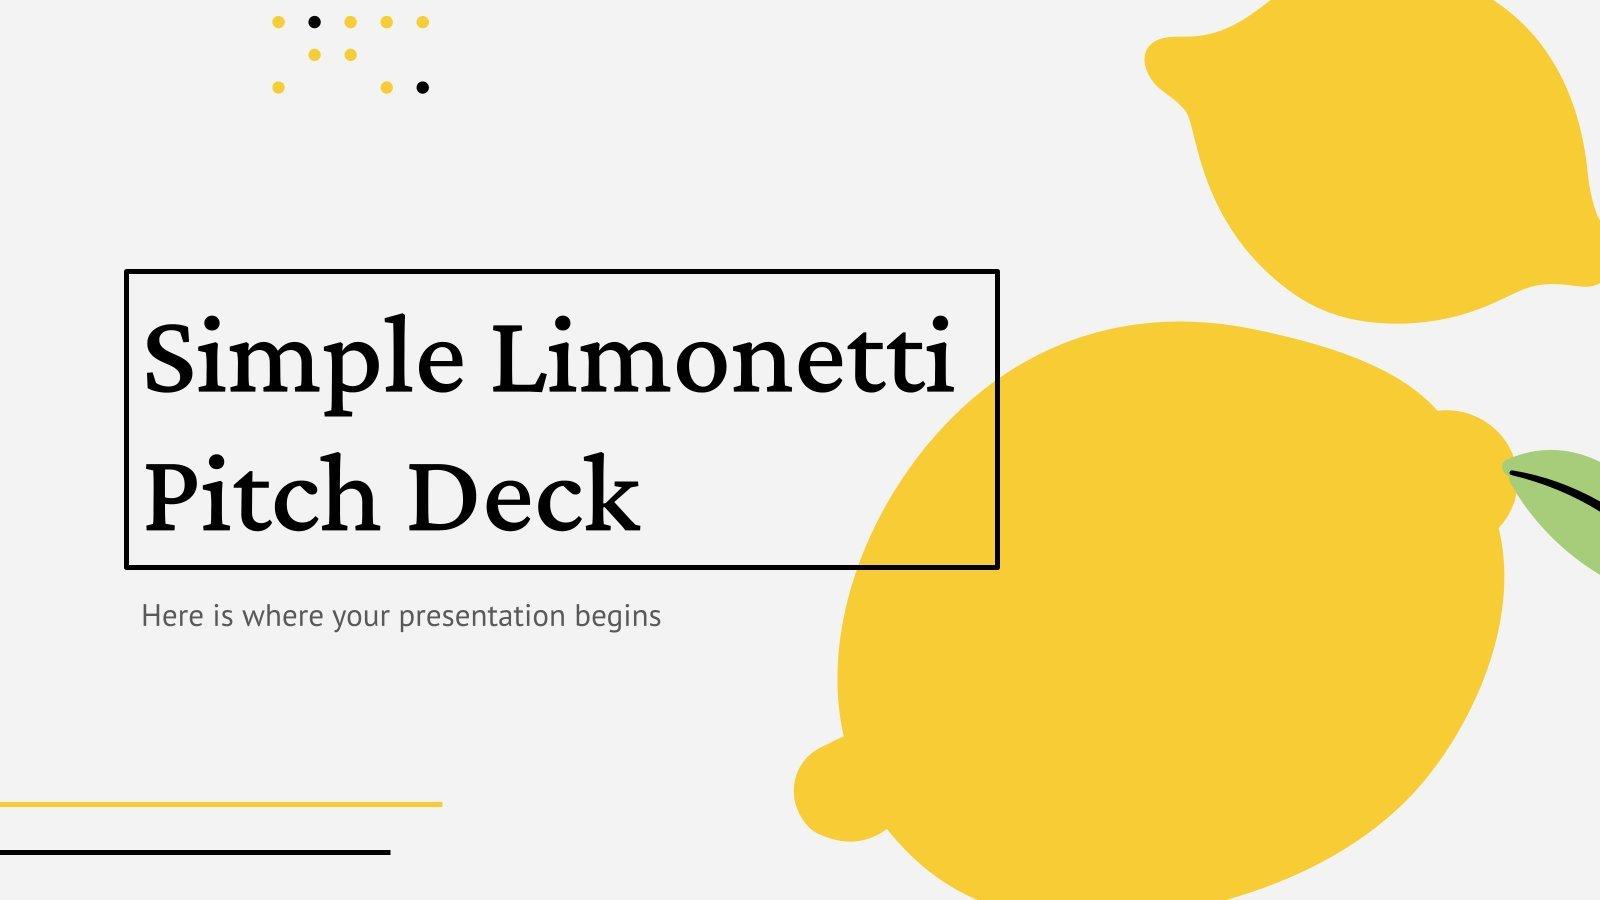 Plantilla de presentación Pitch deck sencillo Limonetti